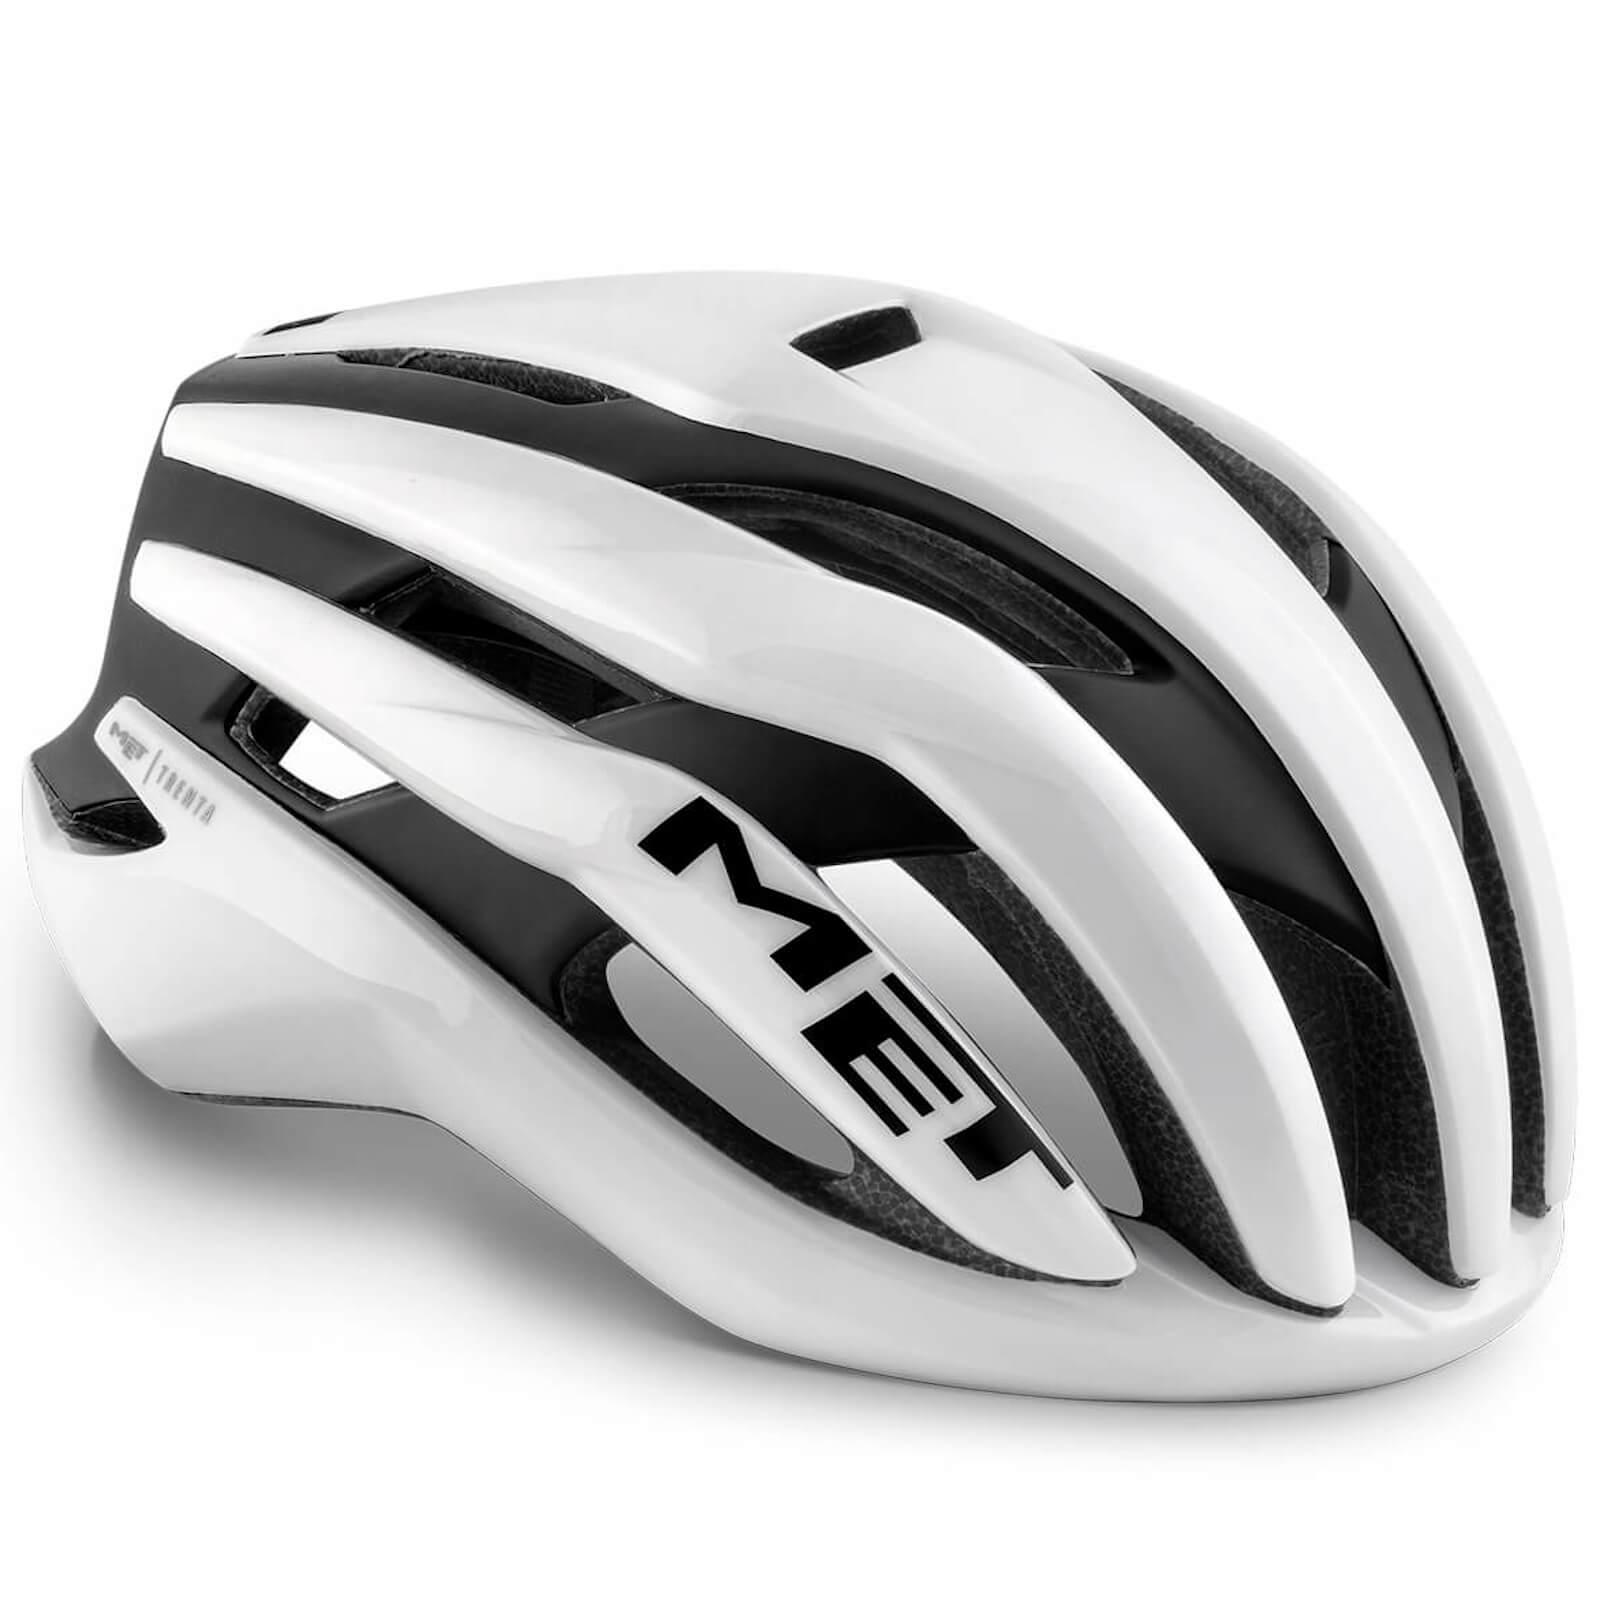 MET Trenta MIPS Road Helmet - L/58-61cm - White Black